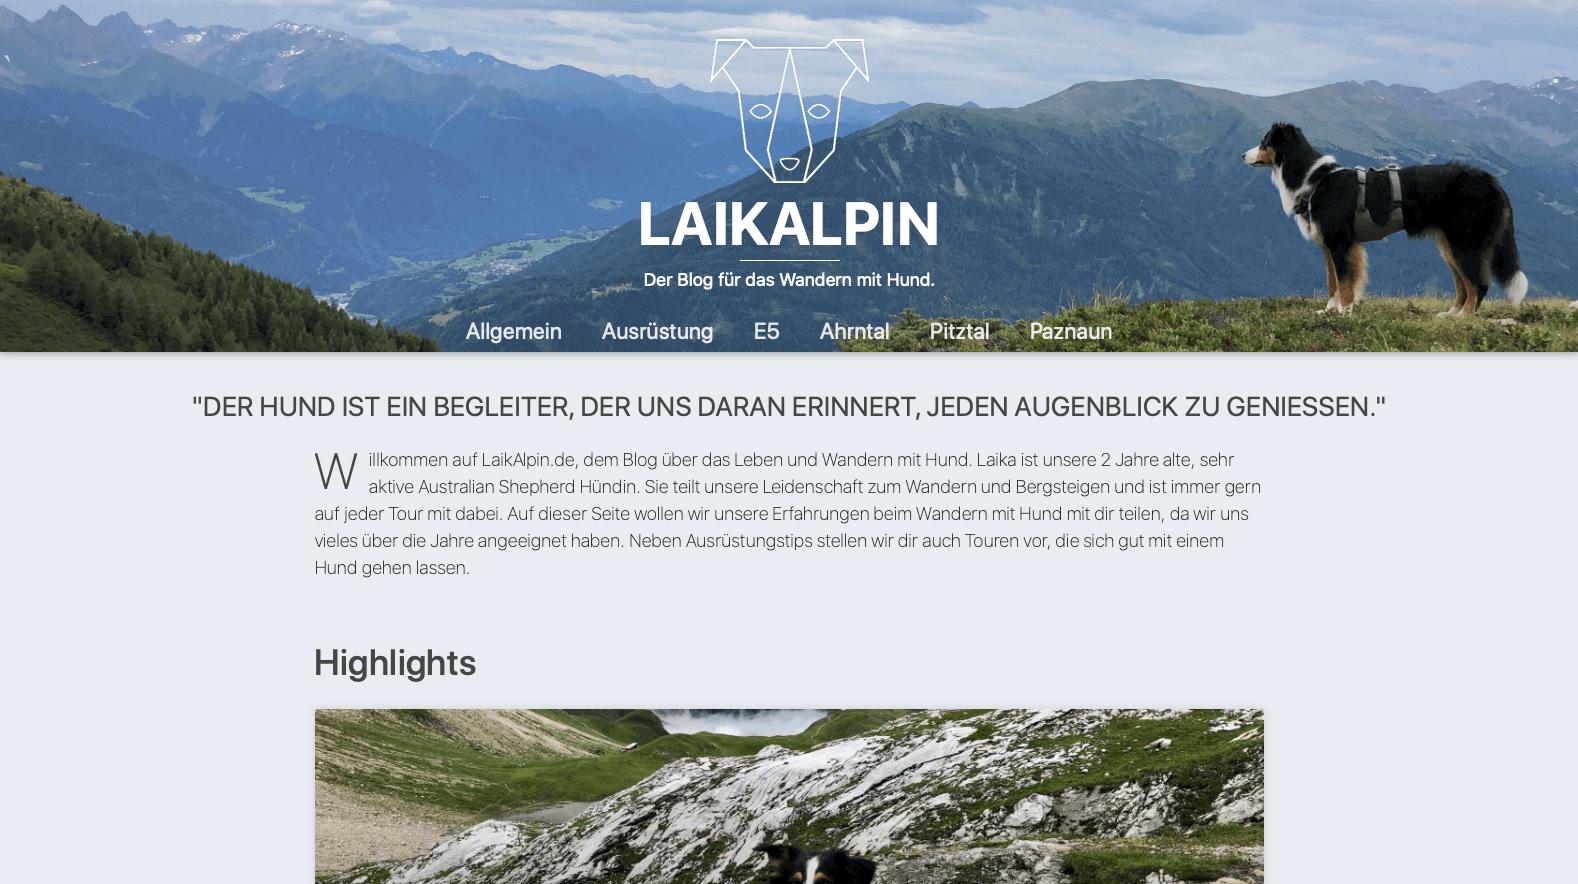 Webdesign Projekt für einen Blog für alpines Wandern mit Hund – Laikalpin